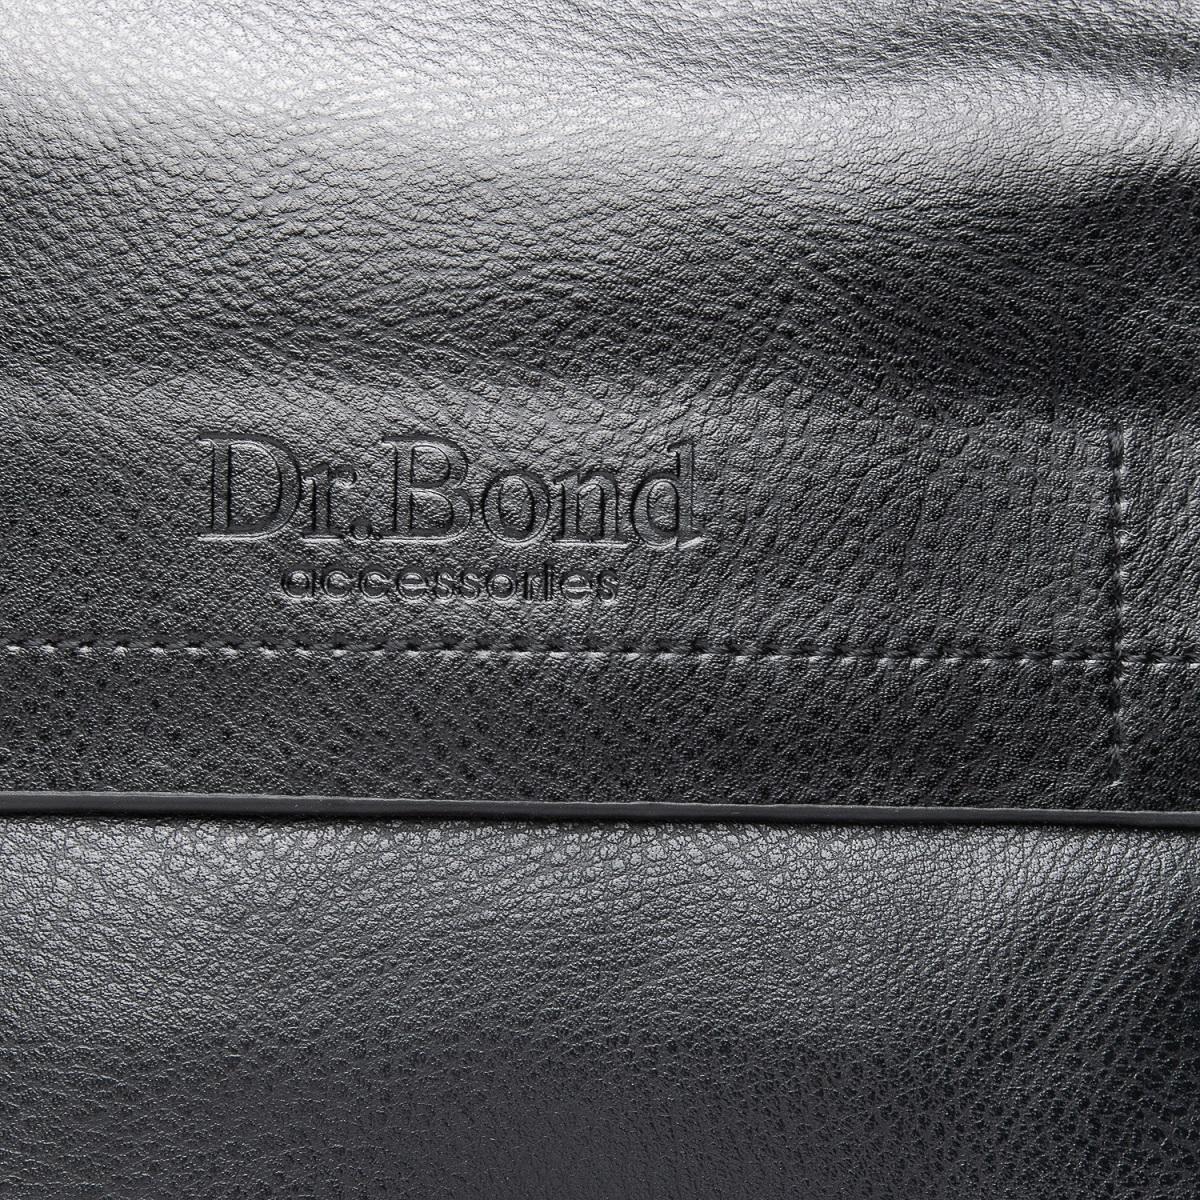 Сумка Мужская Планшет иск-кожа DR. BOND GL 206-2 black - фото 3